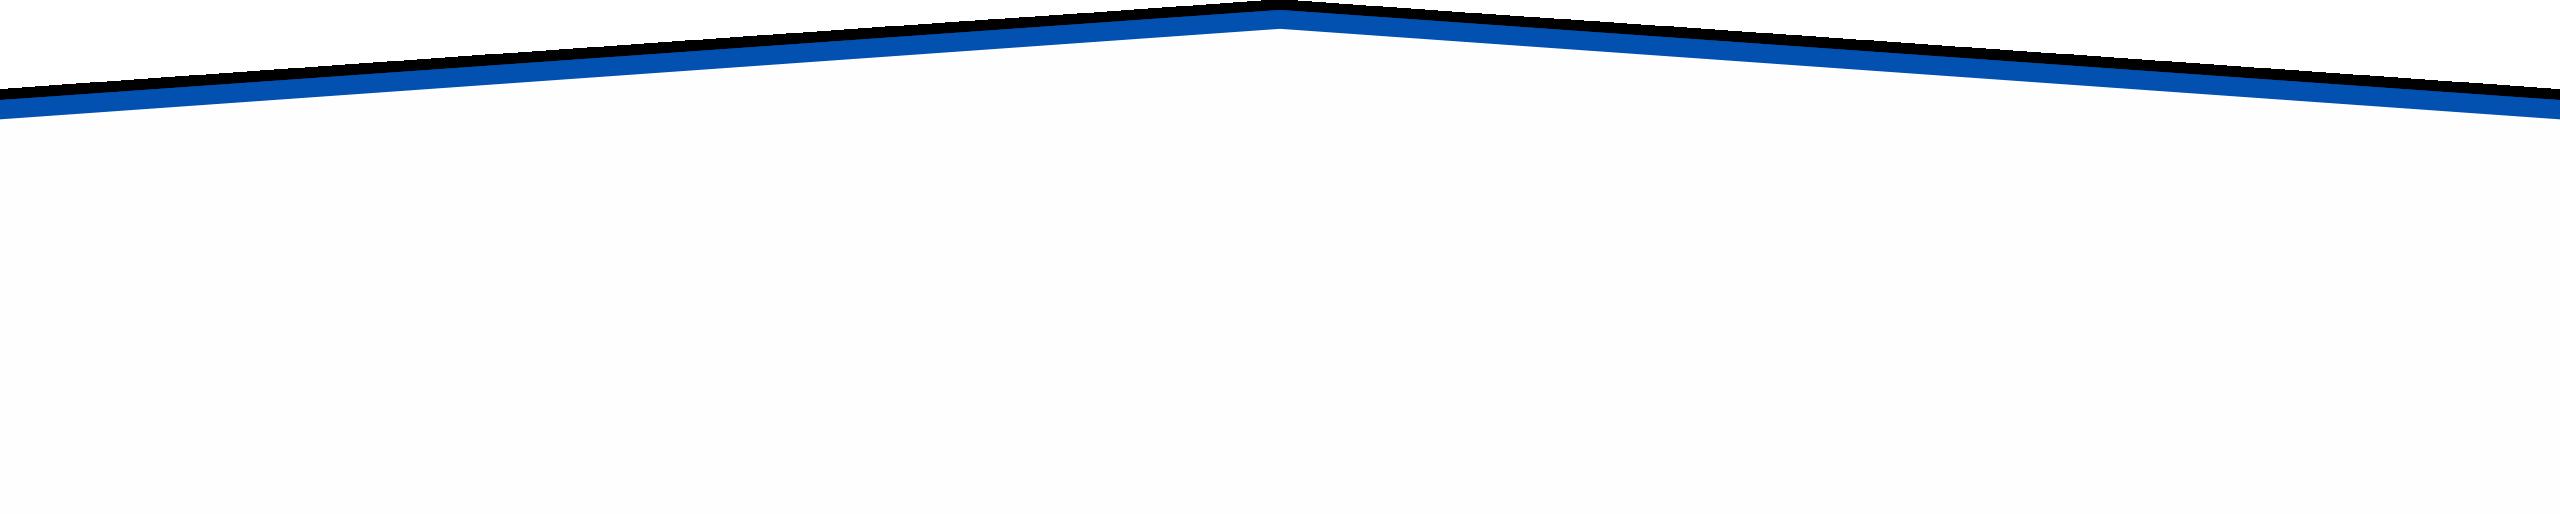 couvreur lisieux, couverture calvados